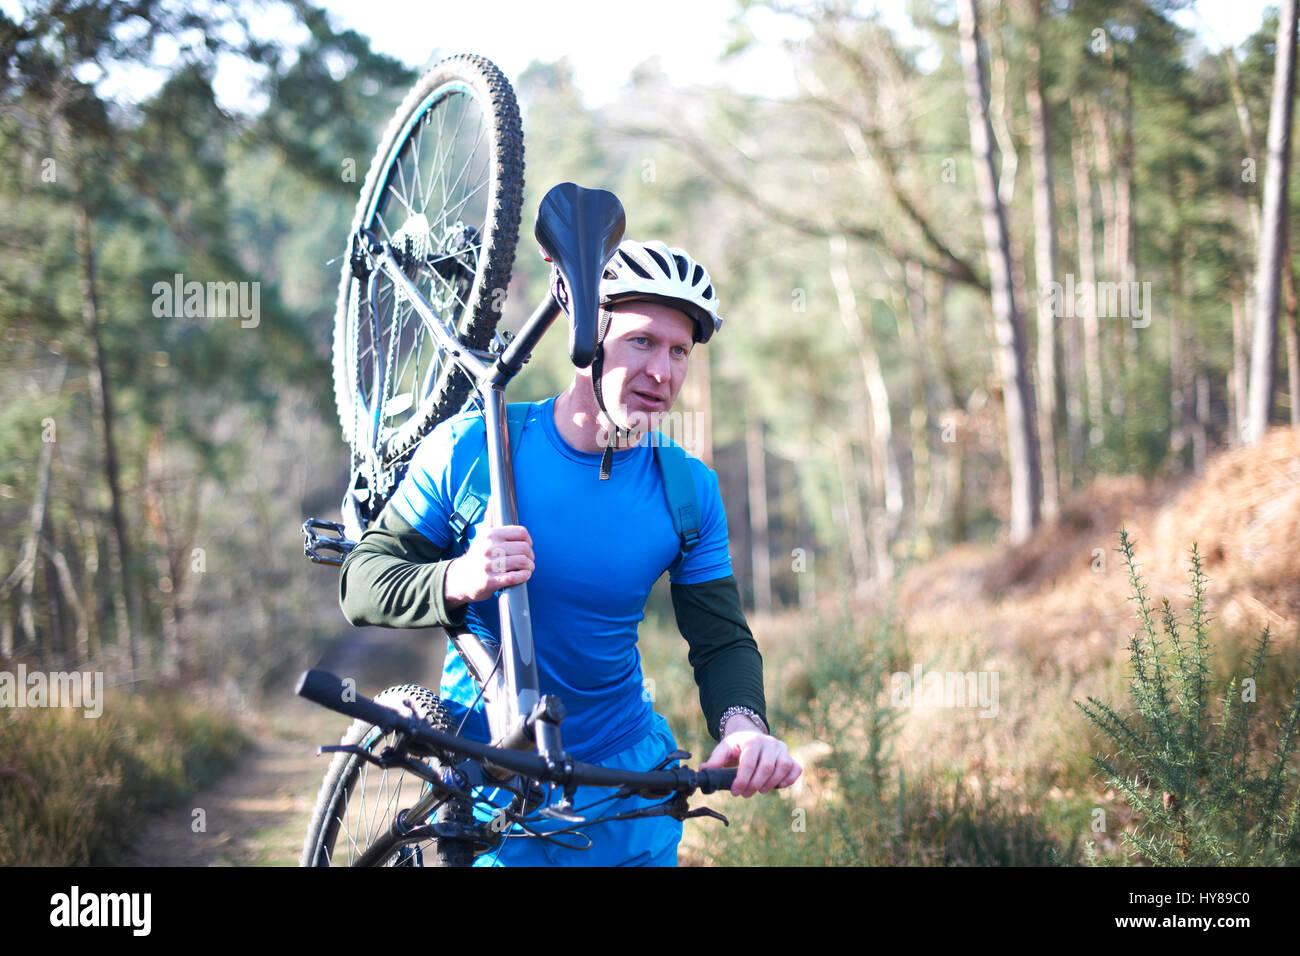 Un hombre lleva su bicicleta de montaña en el bosque Imagen De Stock